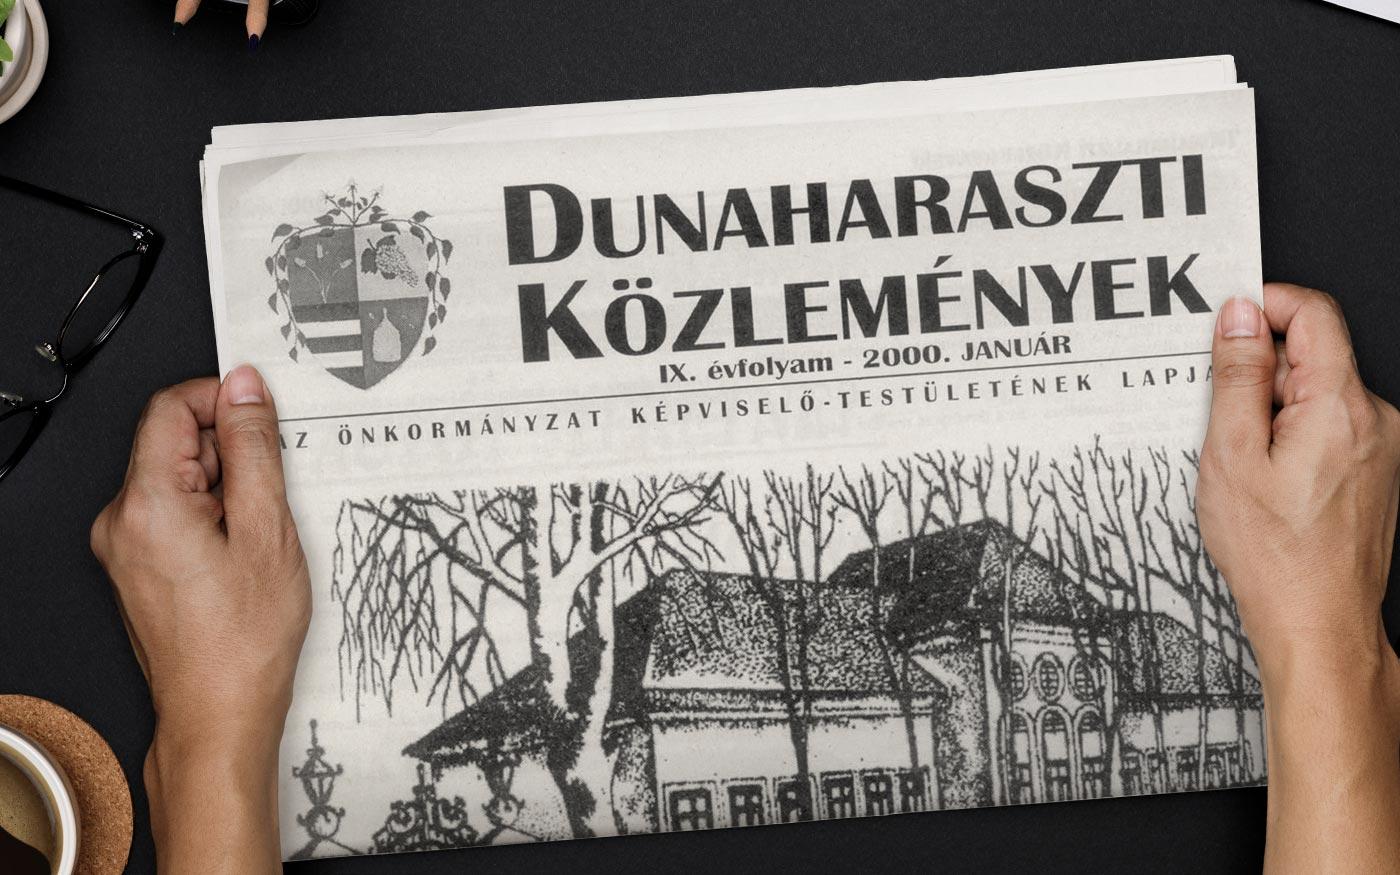 Csocsesz és a Dolly Roll lázában égett 2000 elején Dunaharaszti